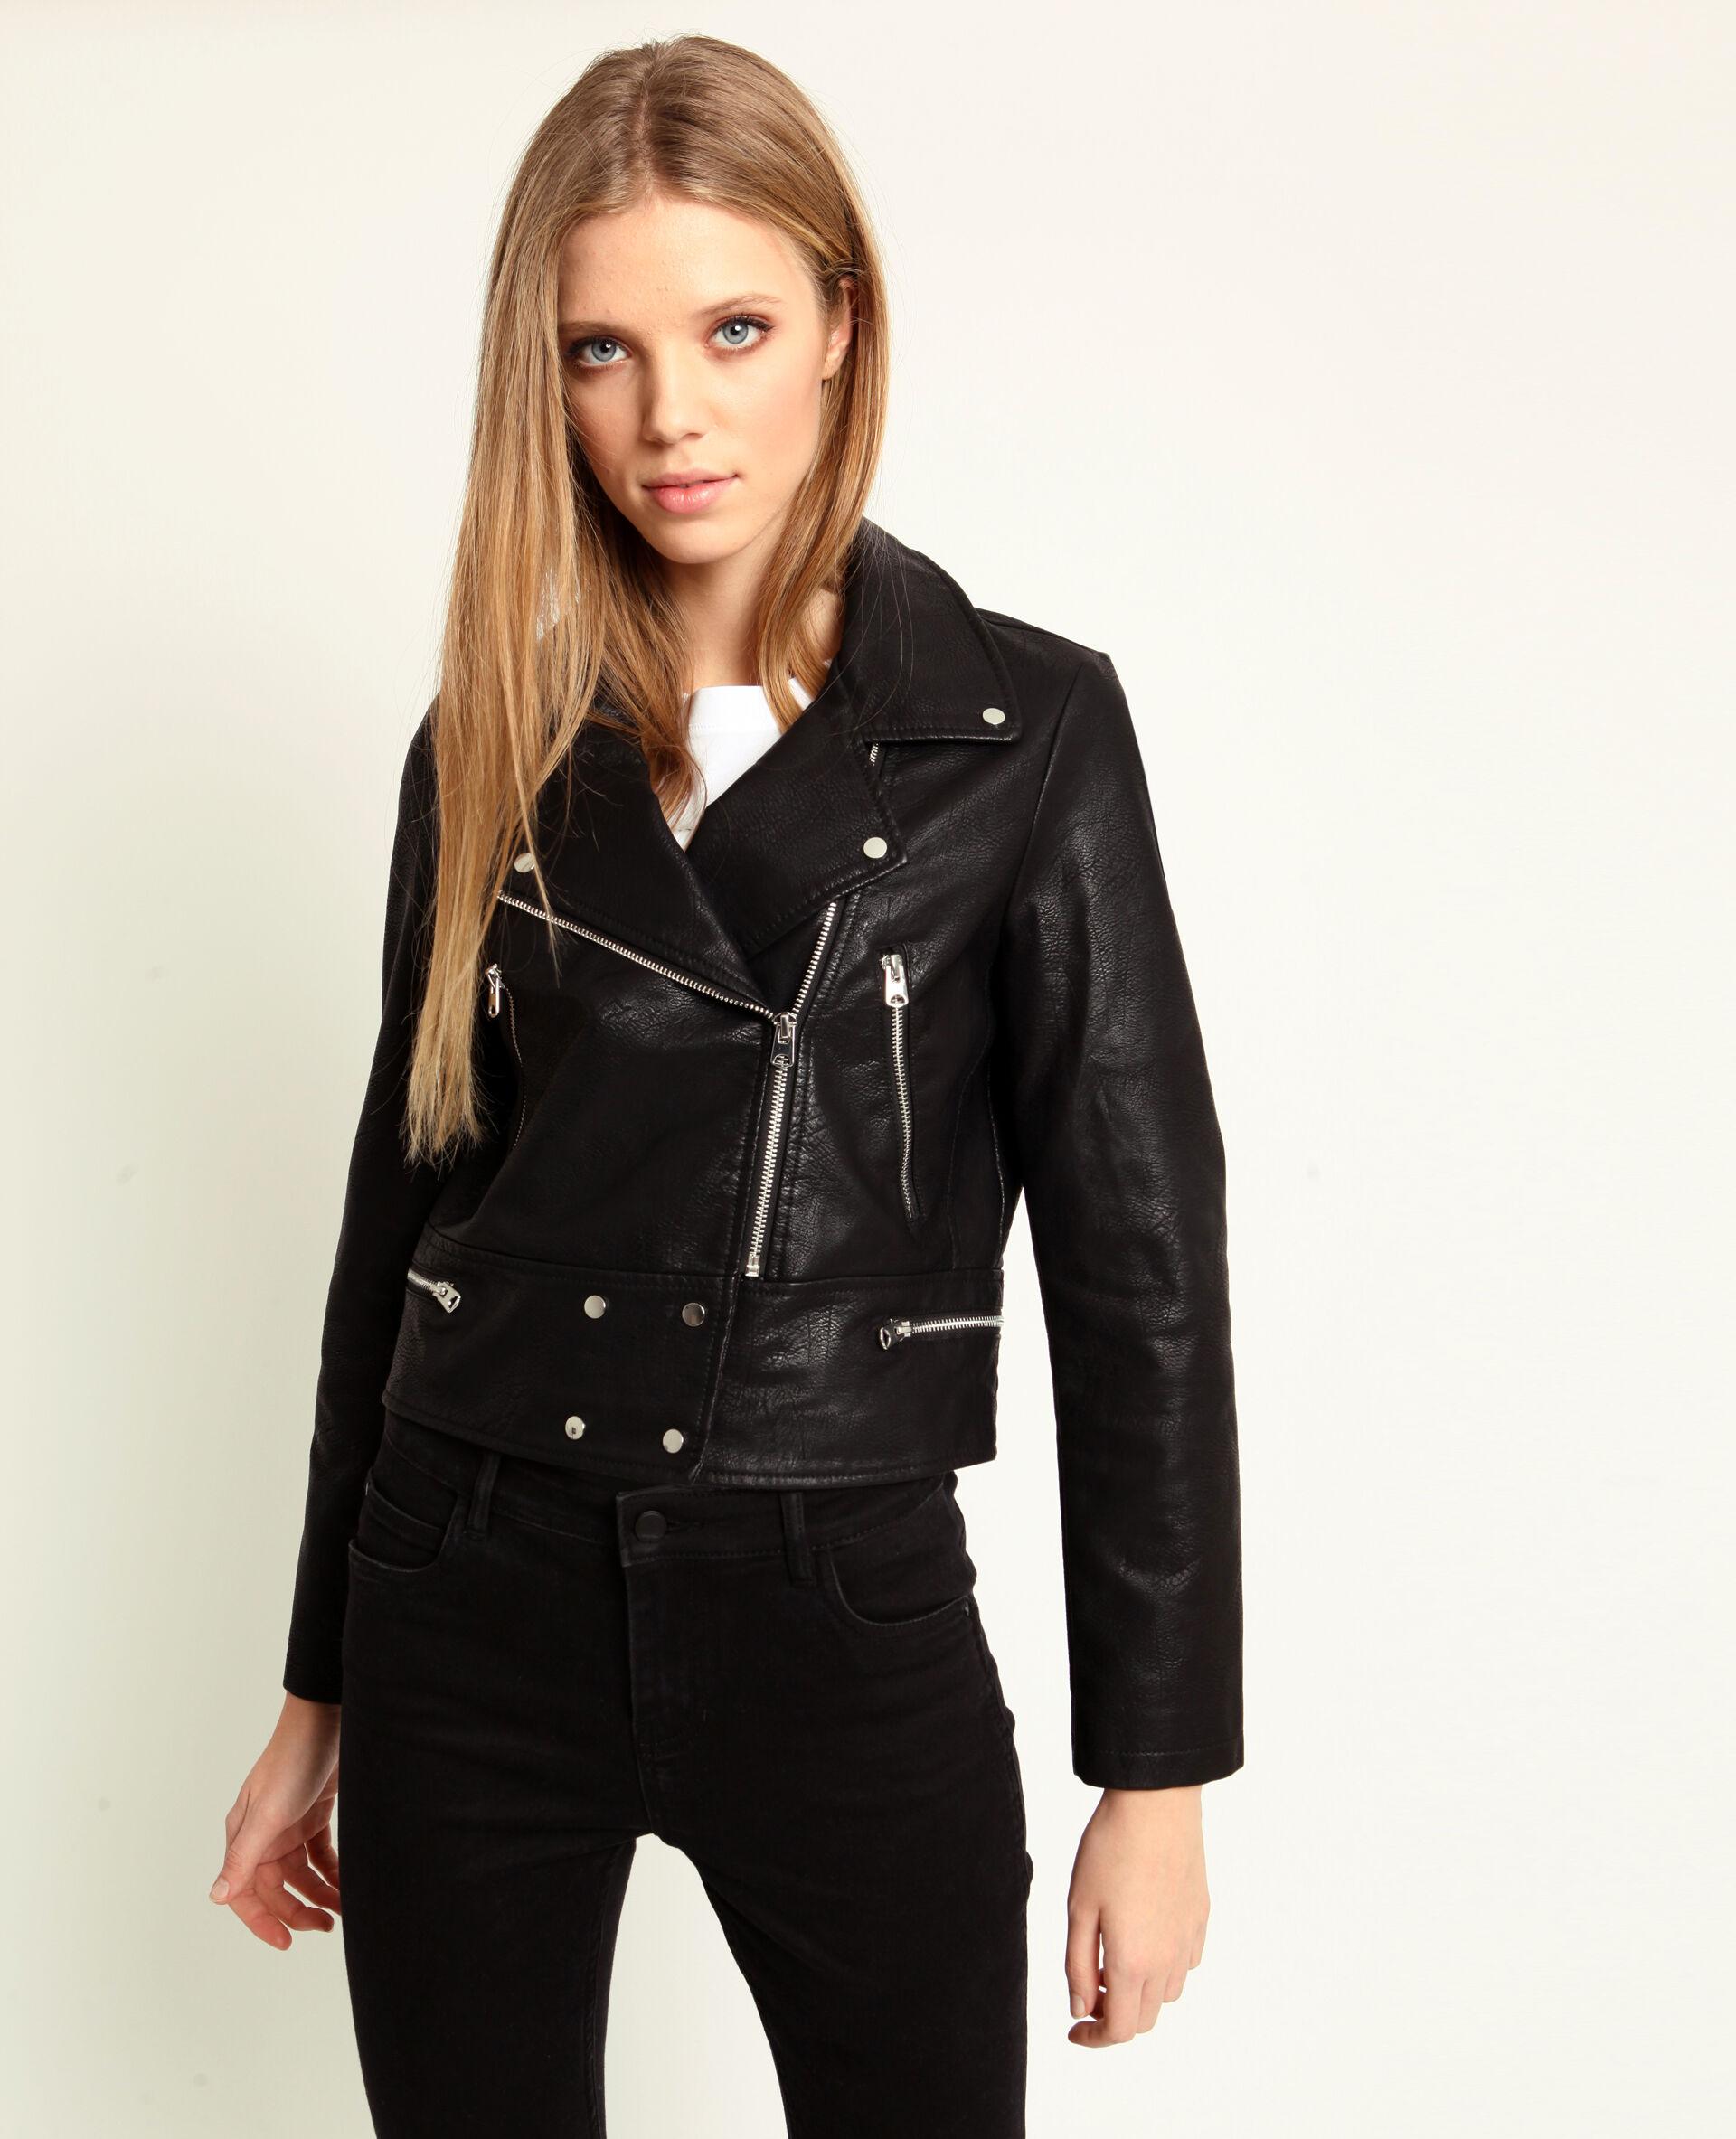 Veste en simili cuir noire femme